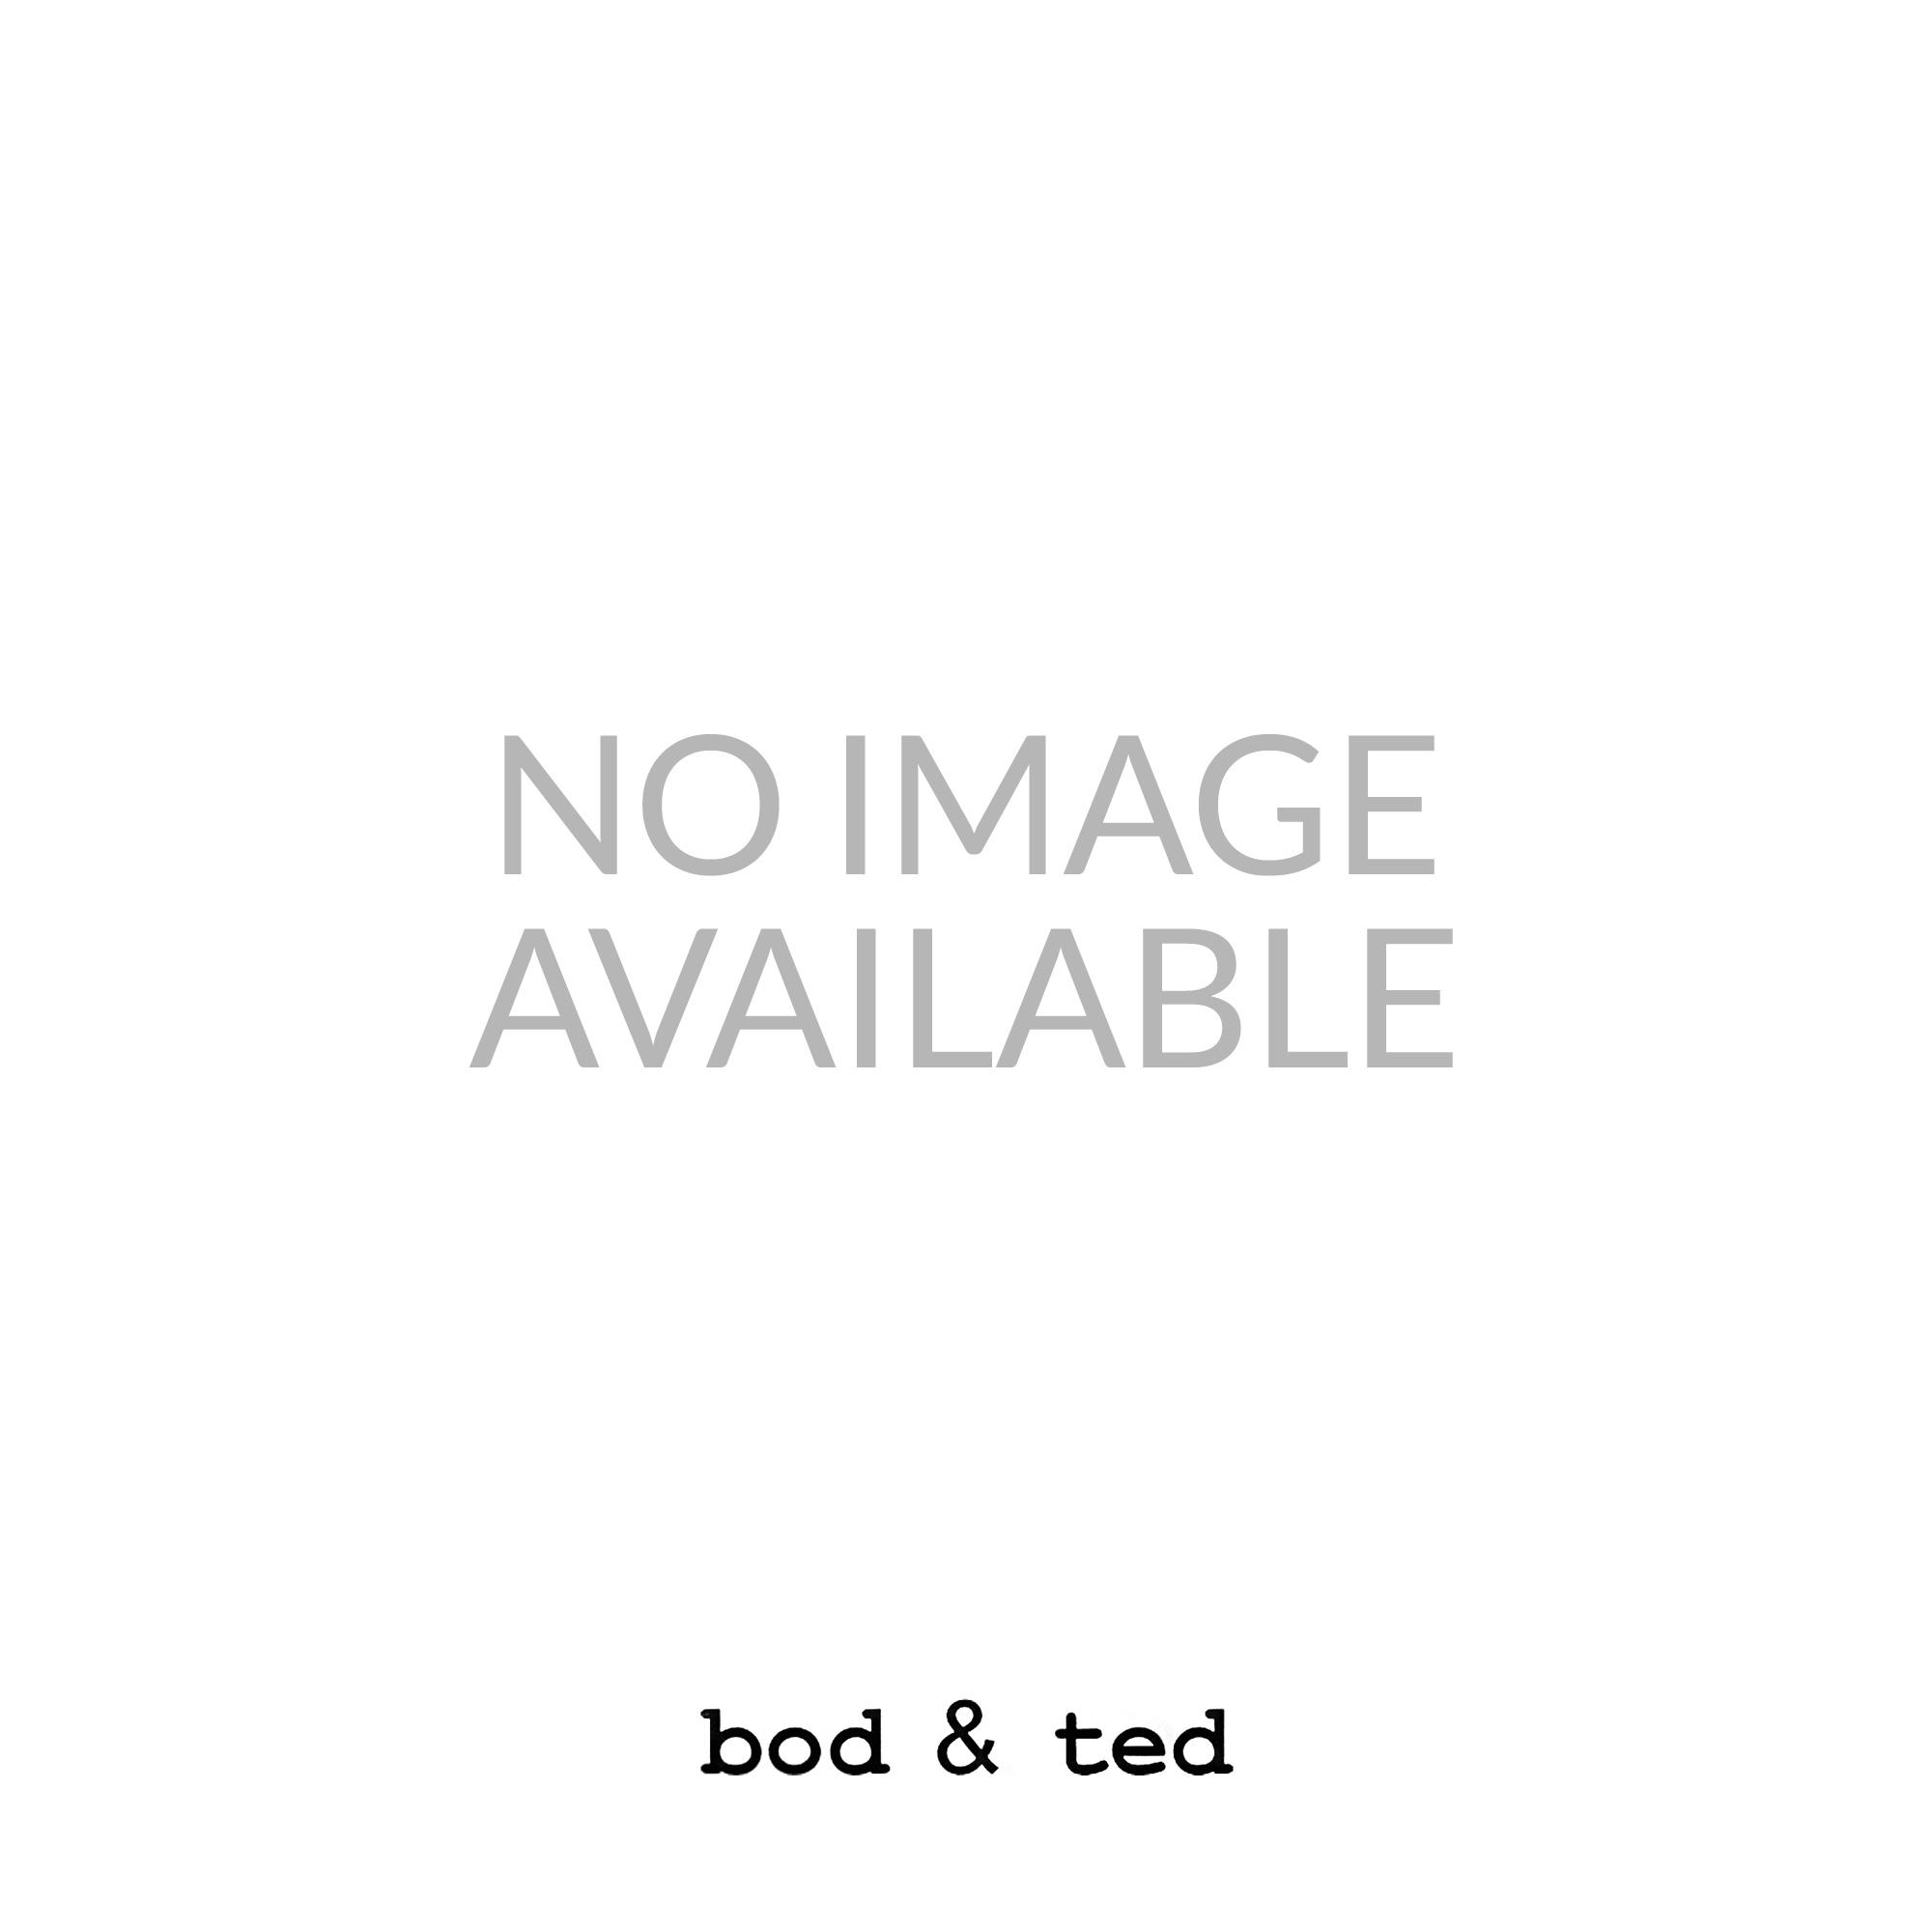 Pedi Organic Cotton Trousers in Black and White